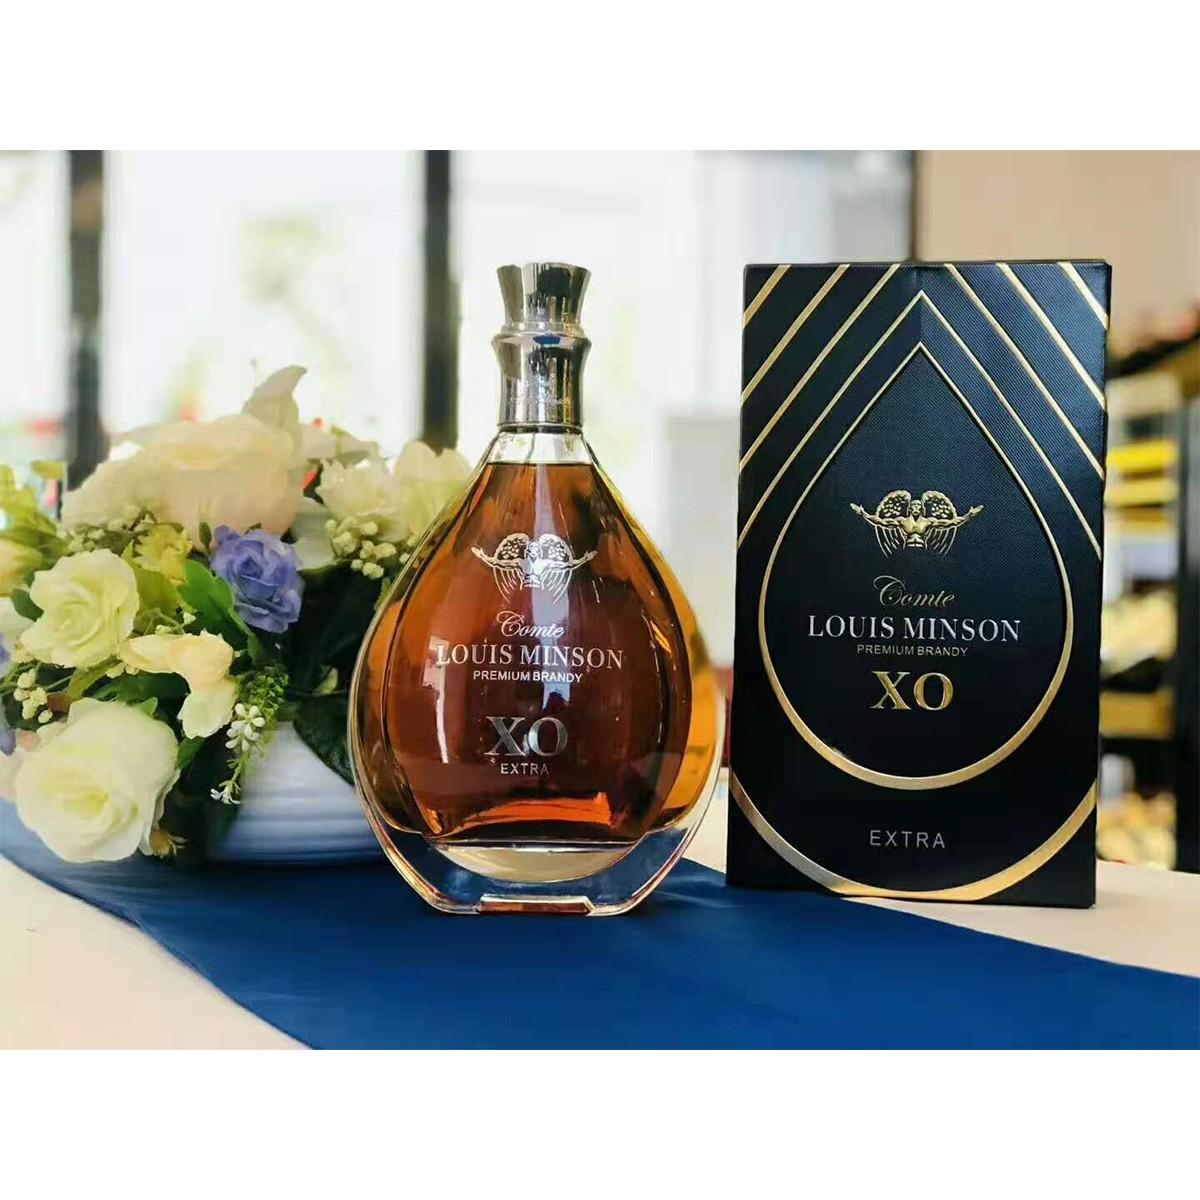 公爵路易名仕(葫芦瓶)1000ML